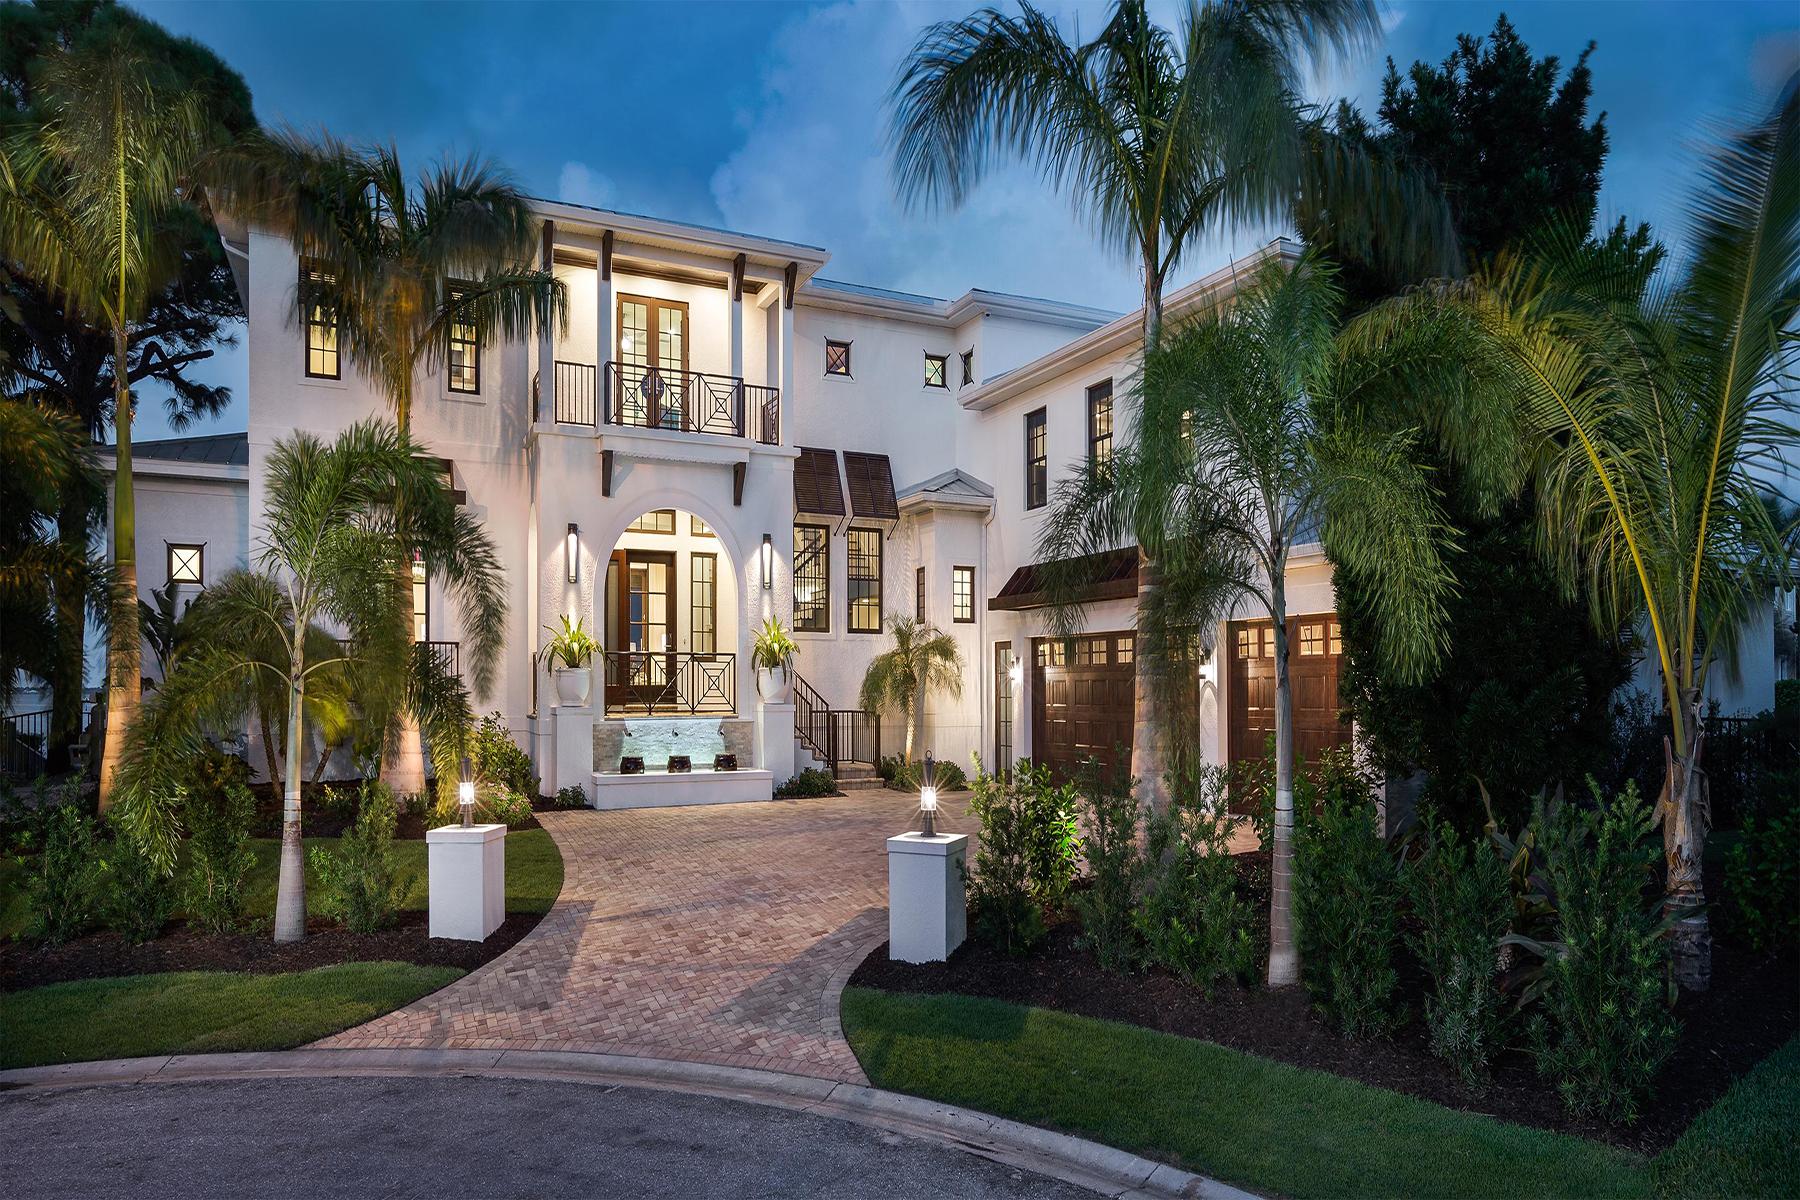 Single Family Homes für Verkauf beim 711 Casey Key Rd, Nokomis, Florida 34275 Vereinigte Staaten